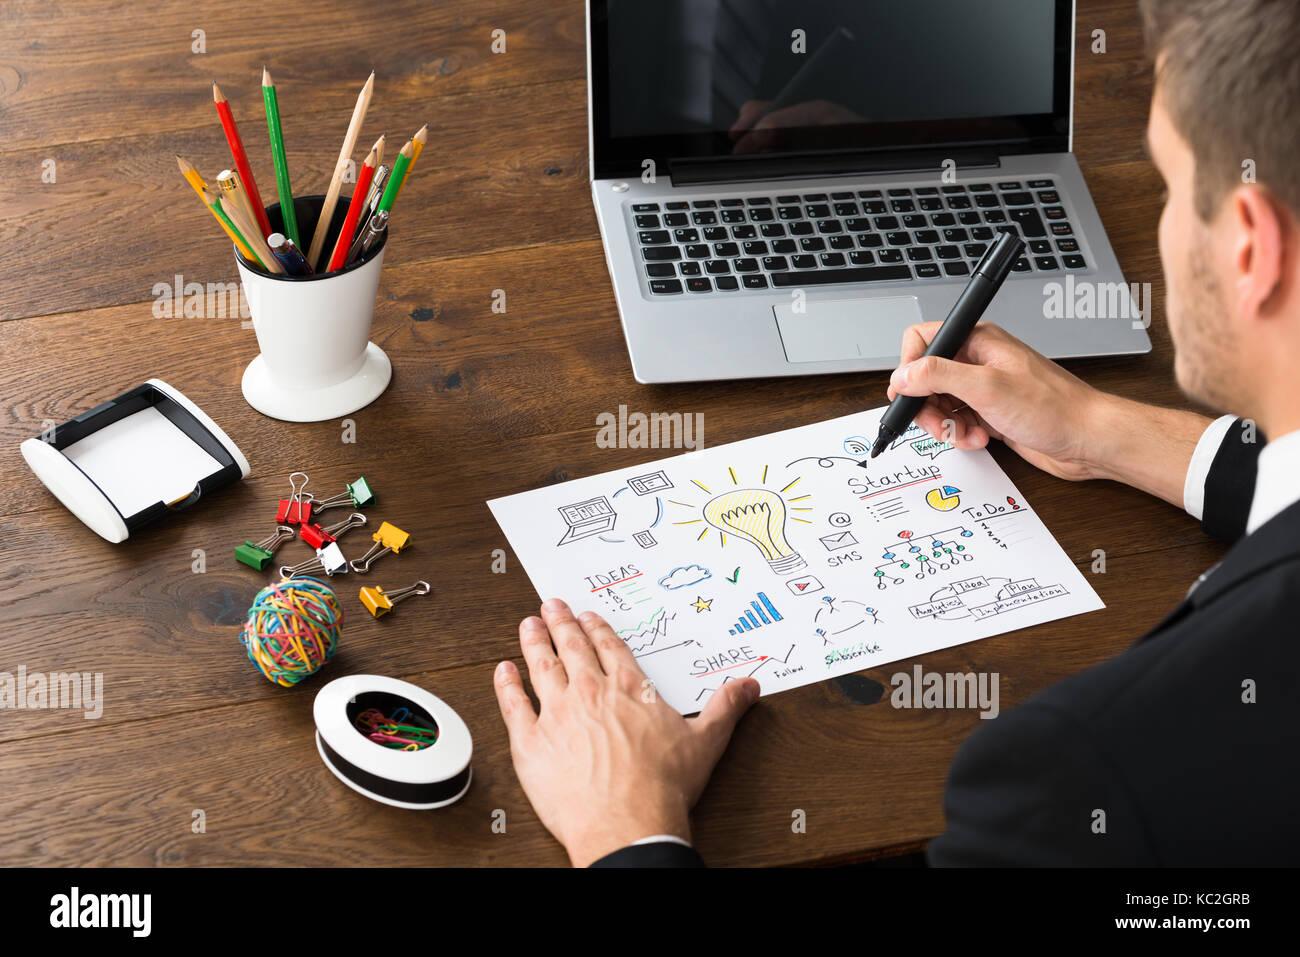 Disegno Di Ufficio : Close up di imprenditore con forniture per ufficio portatile e lo